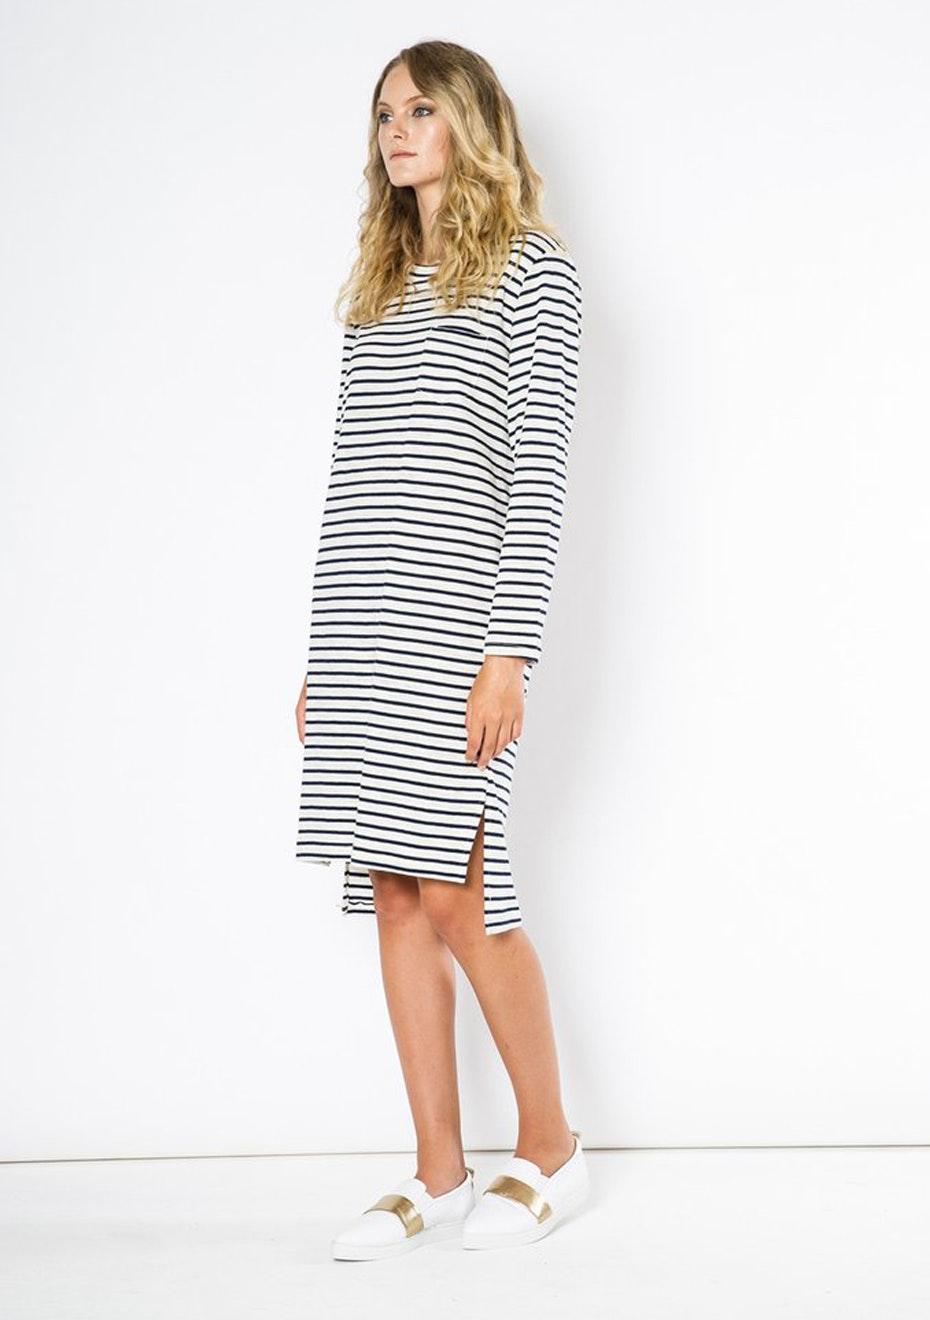 Julian Danger - Dasia Dress - Navy White Stripe